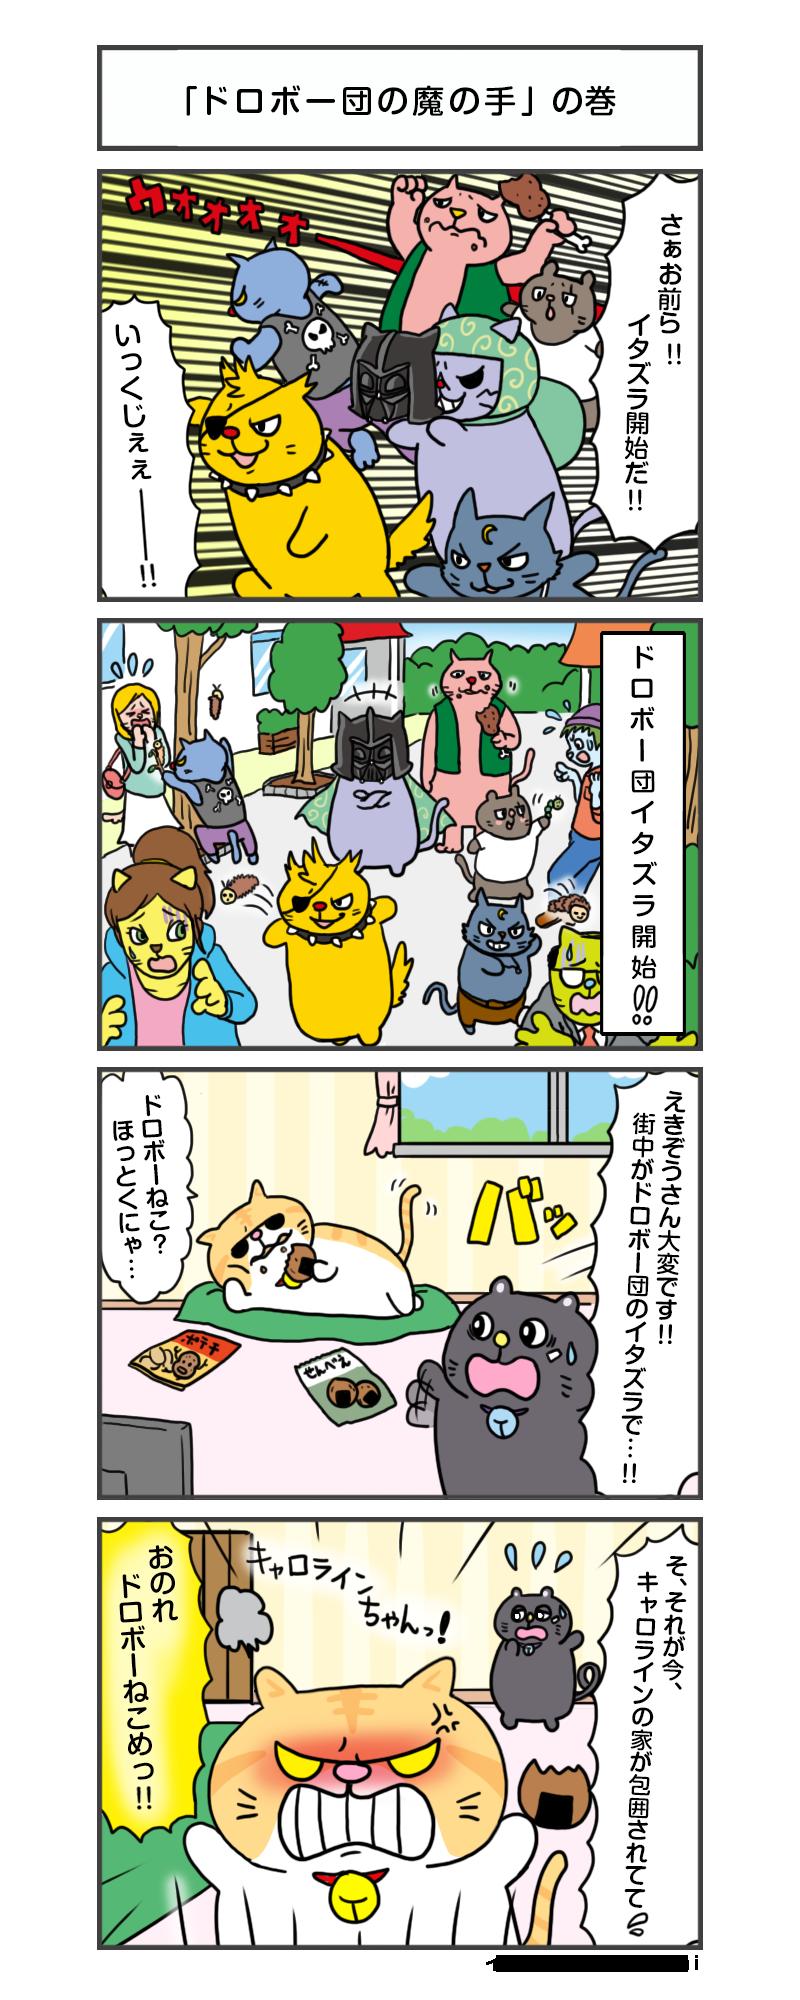 えきぞう_vol.33